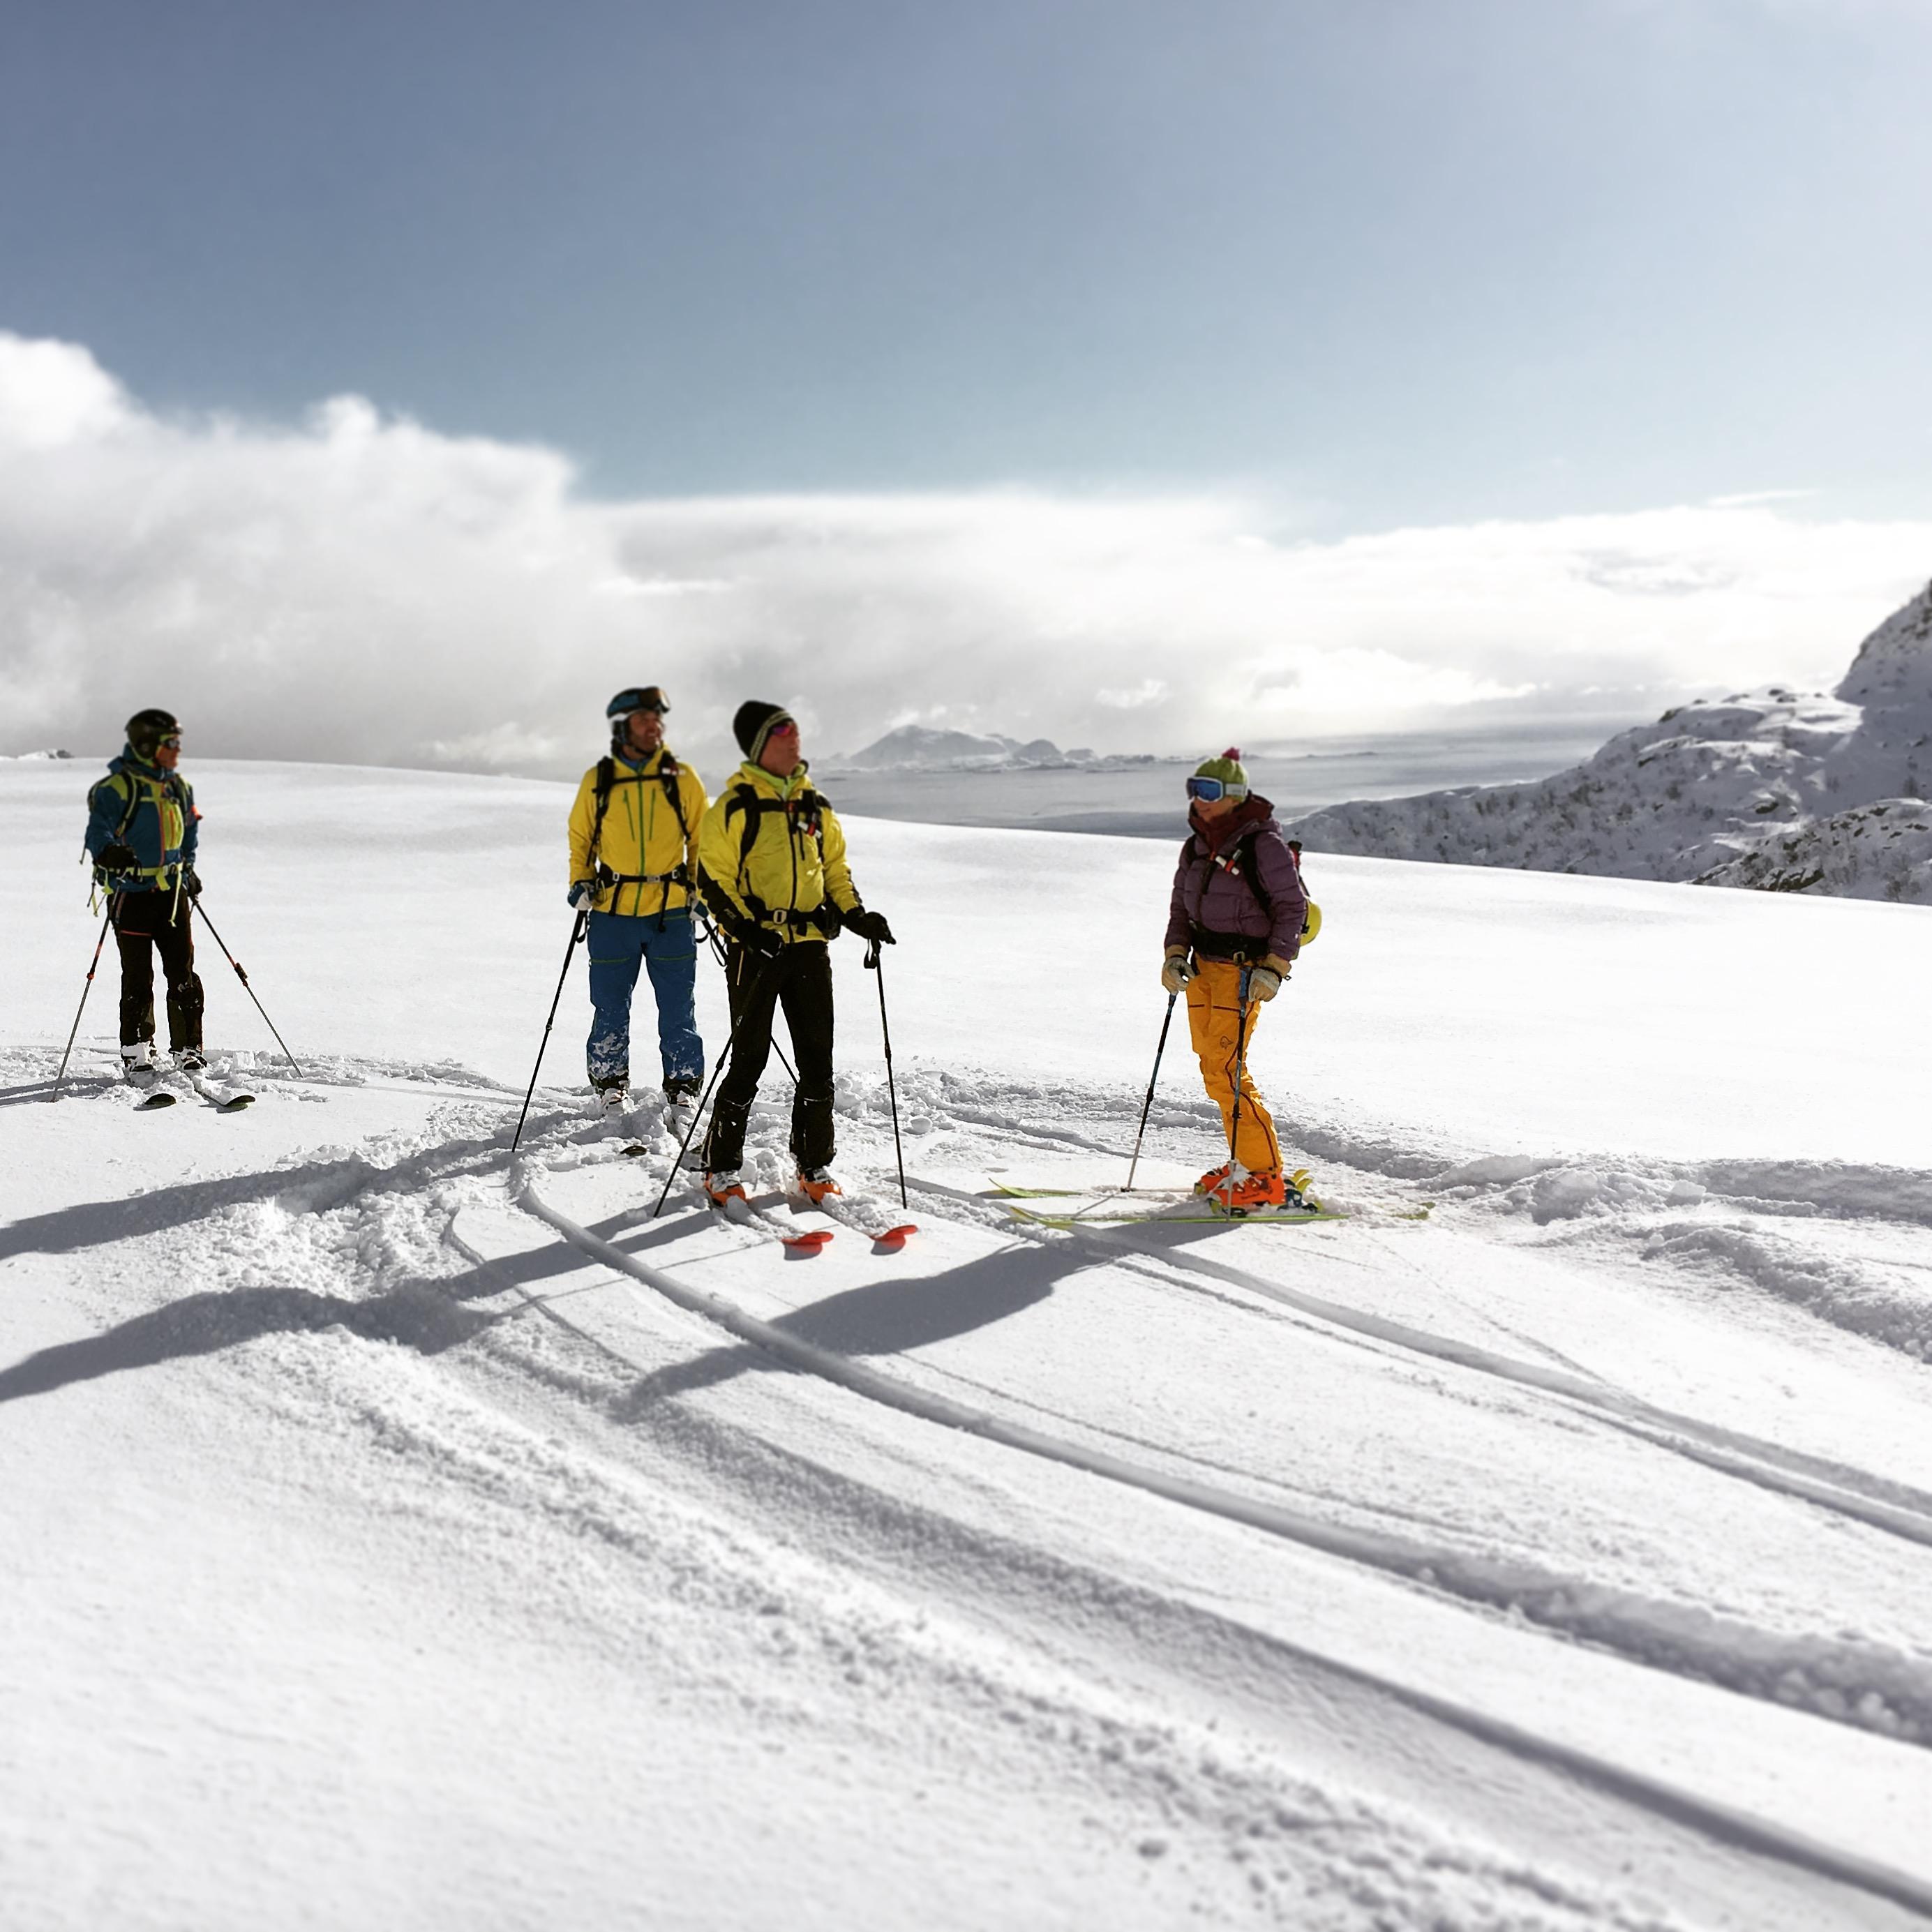 Lofoten Skitourenreise Bergführer Alpinschule Alpinstil